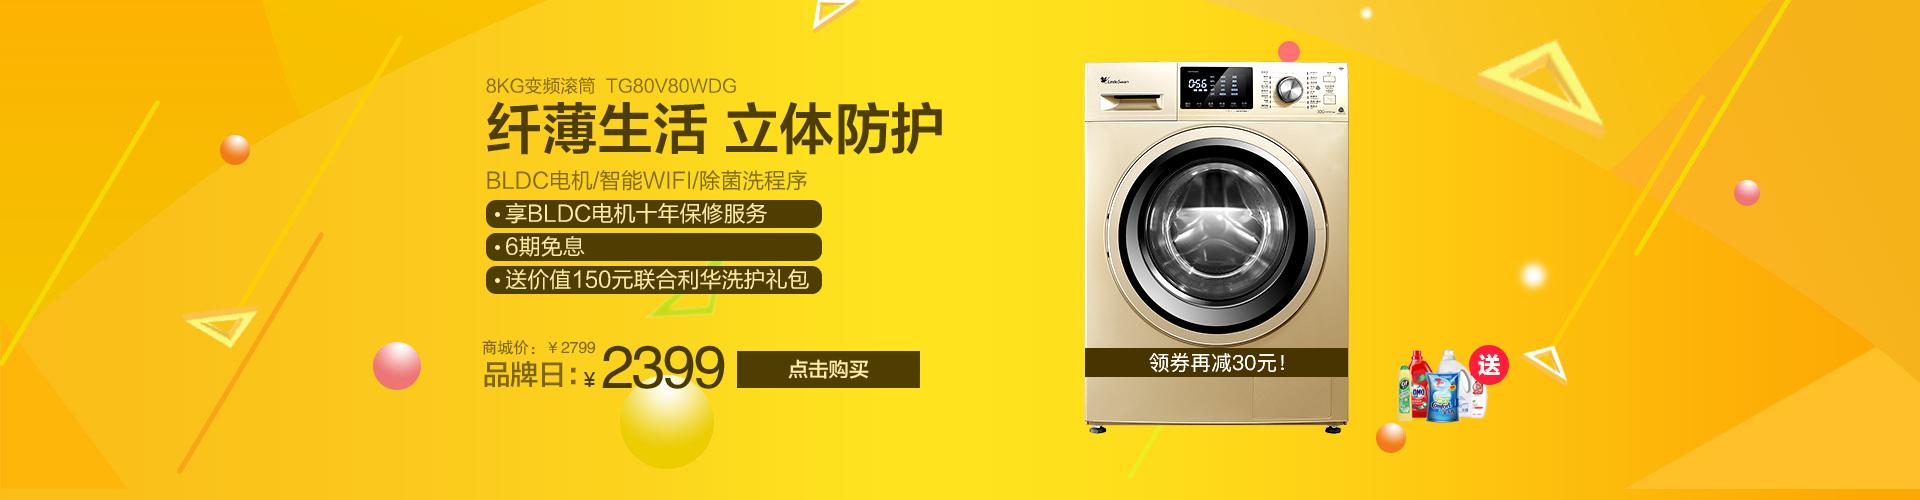 8公斤变频滚筒洗衣机TG80V80WDG